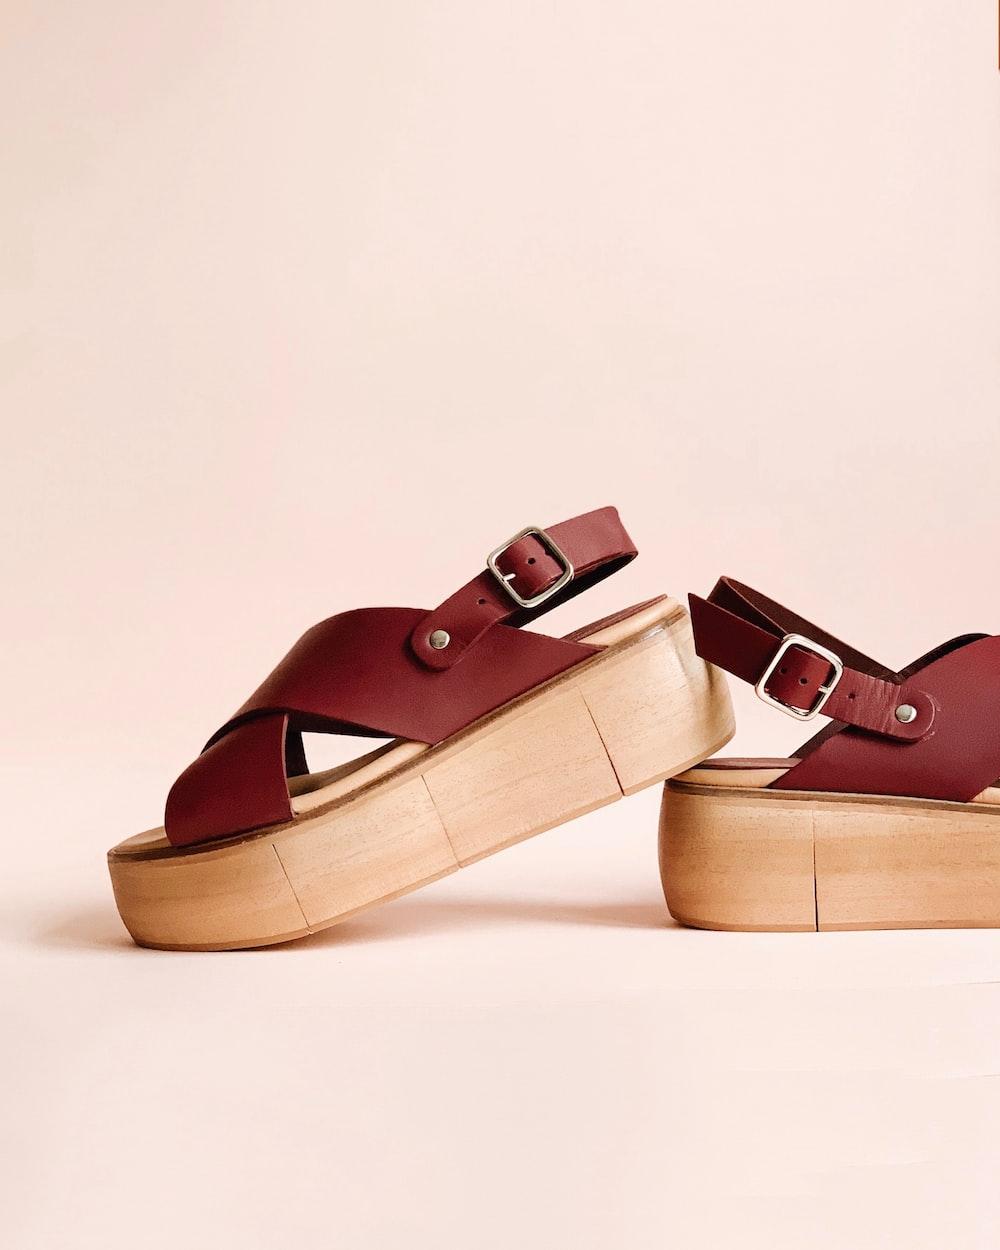 pair of maroon wedges